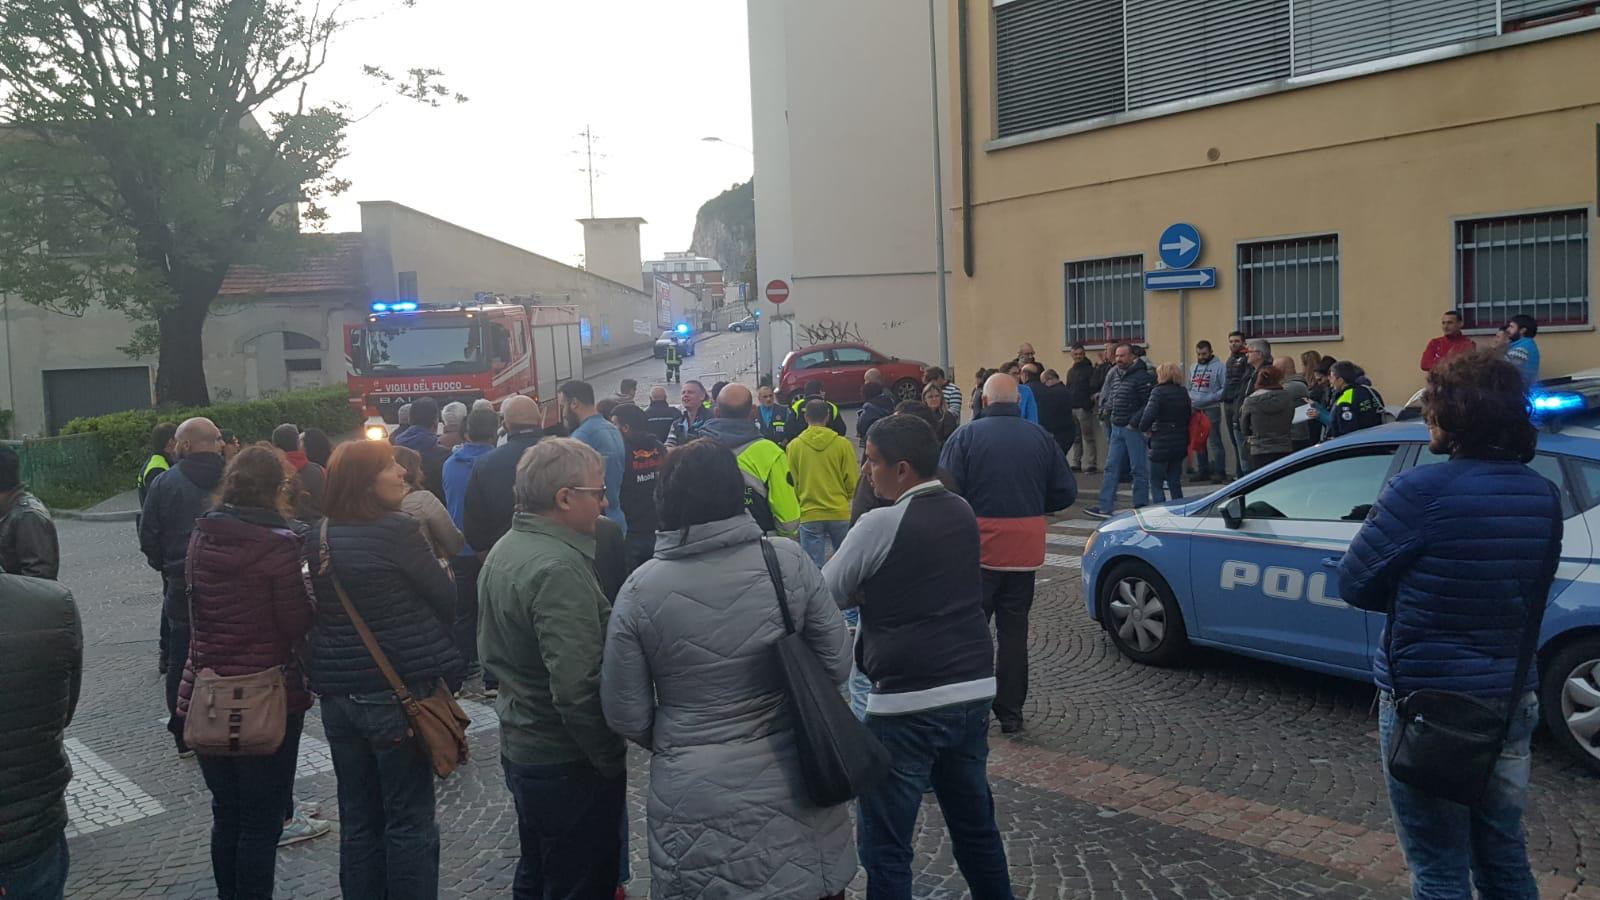 Lecco, allarme bomba: evacuata la Sala Ticozzi - Lecco Notizie